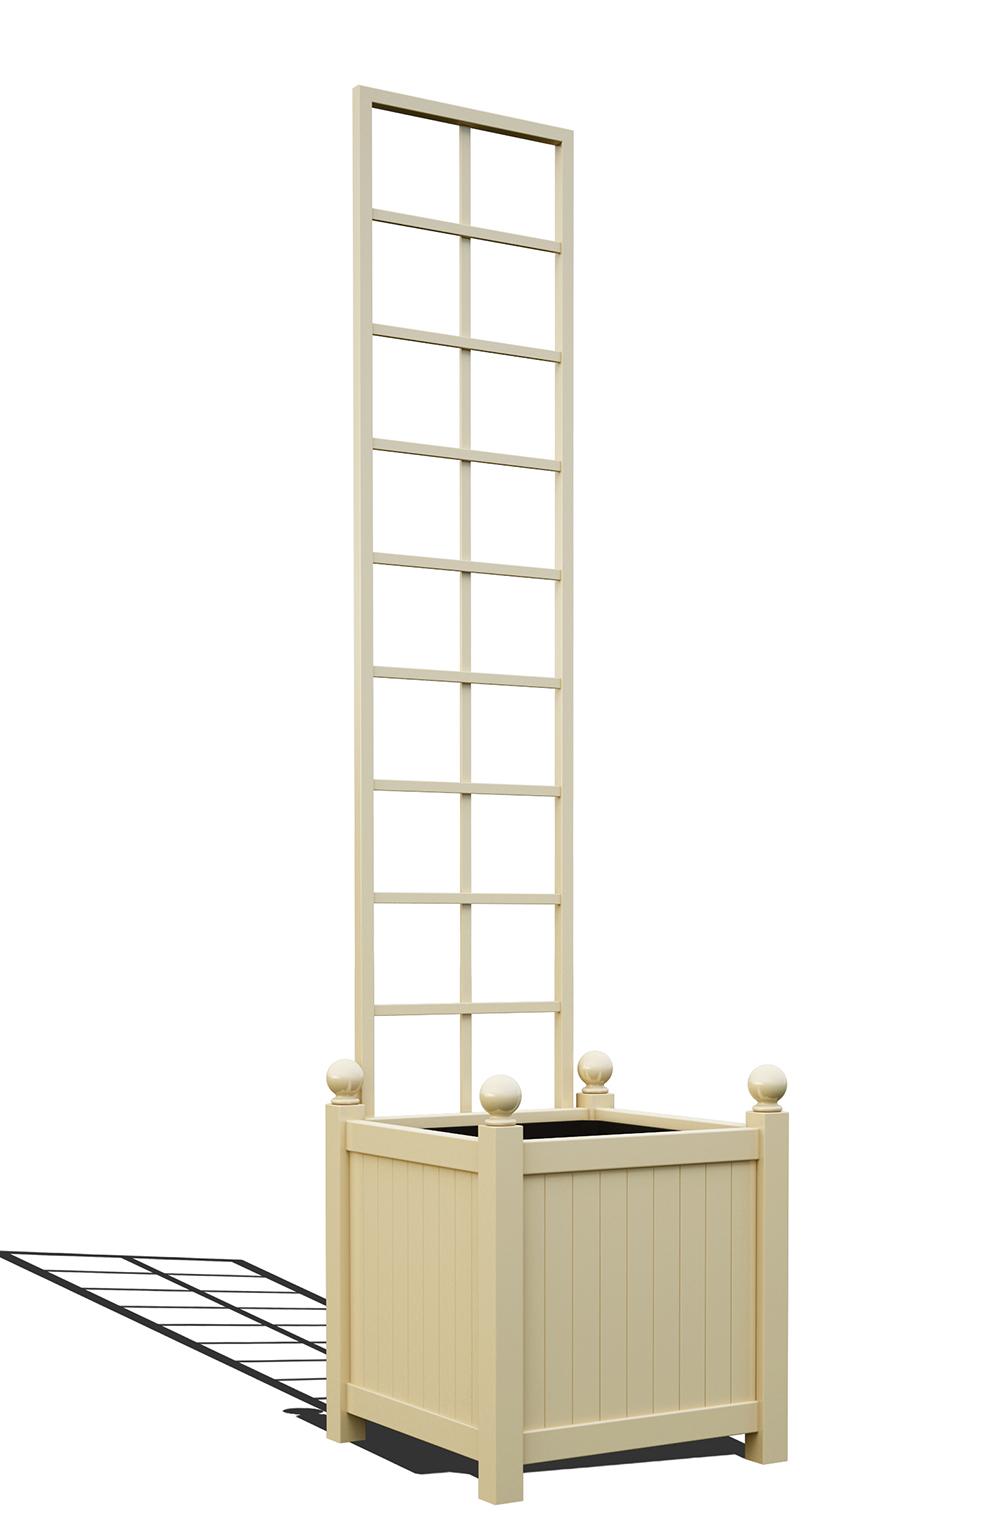 R23-Y-SLD-Versailler Pflanzkübel mit Rankgitter in RAL-1015 light ivory